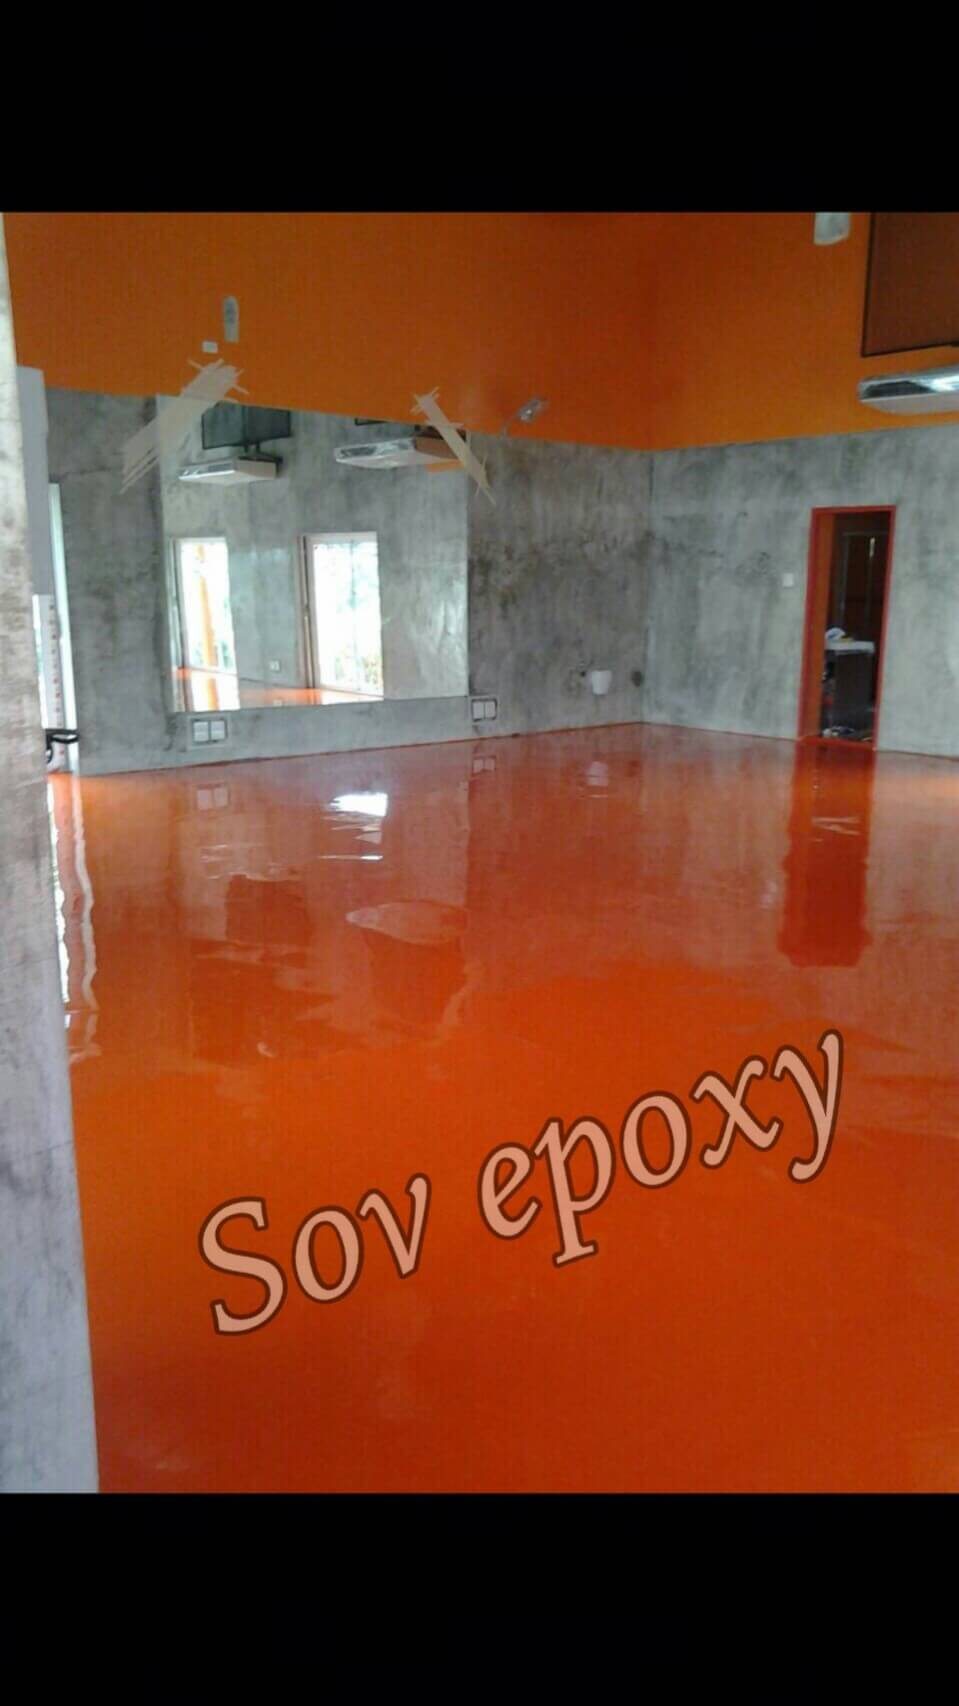 งานเคลือบพื้น Epoxy Self-leveling 2 mm.หน่วยงาน ออฟฟิศ จ.นครสวรรค์ 1